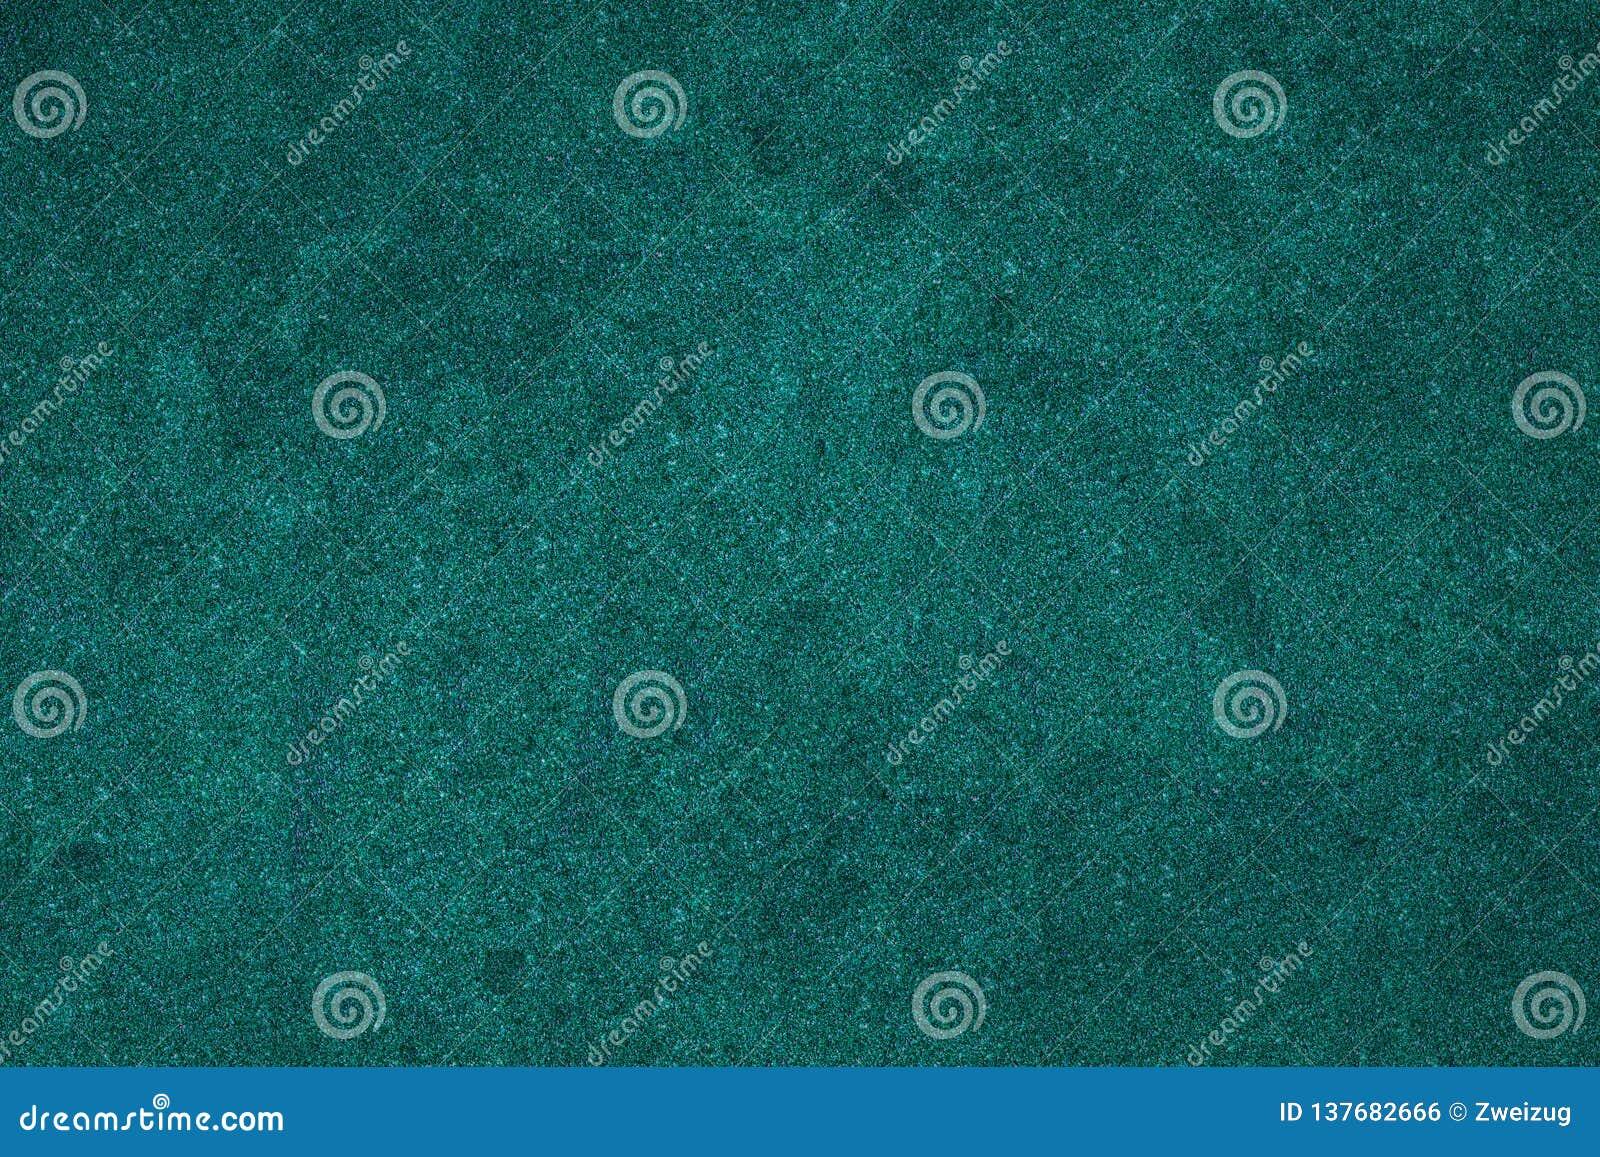 Fondo abstracto de la textura de la superficie del modelo del grunge del detalle de la pared del estuco del cielo nocturno